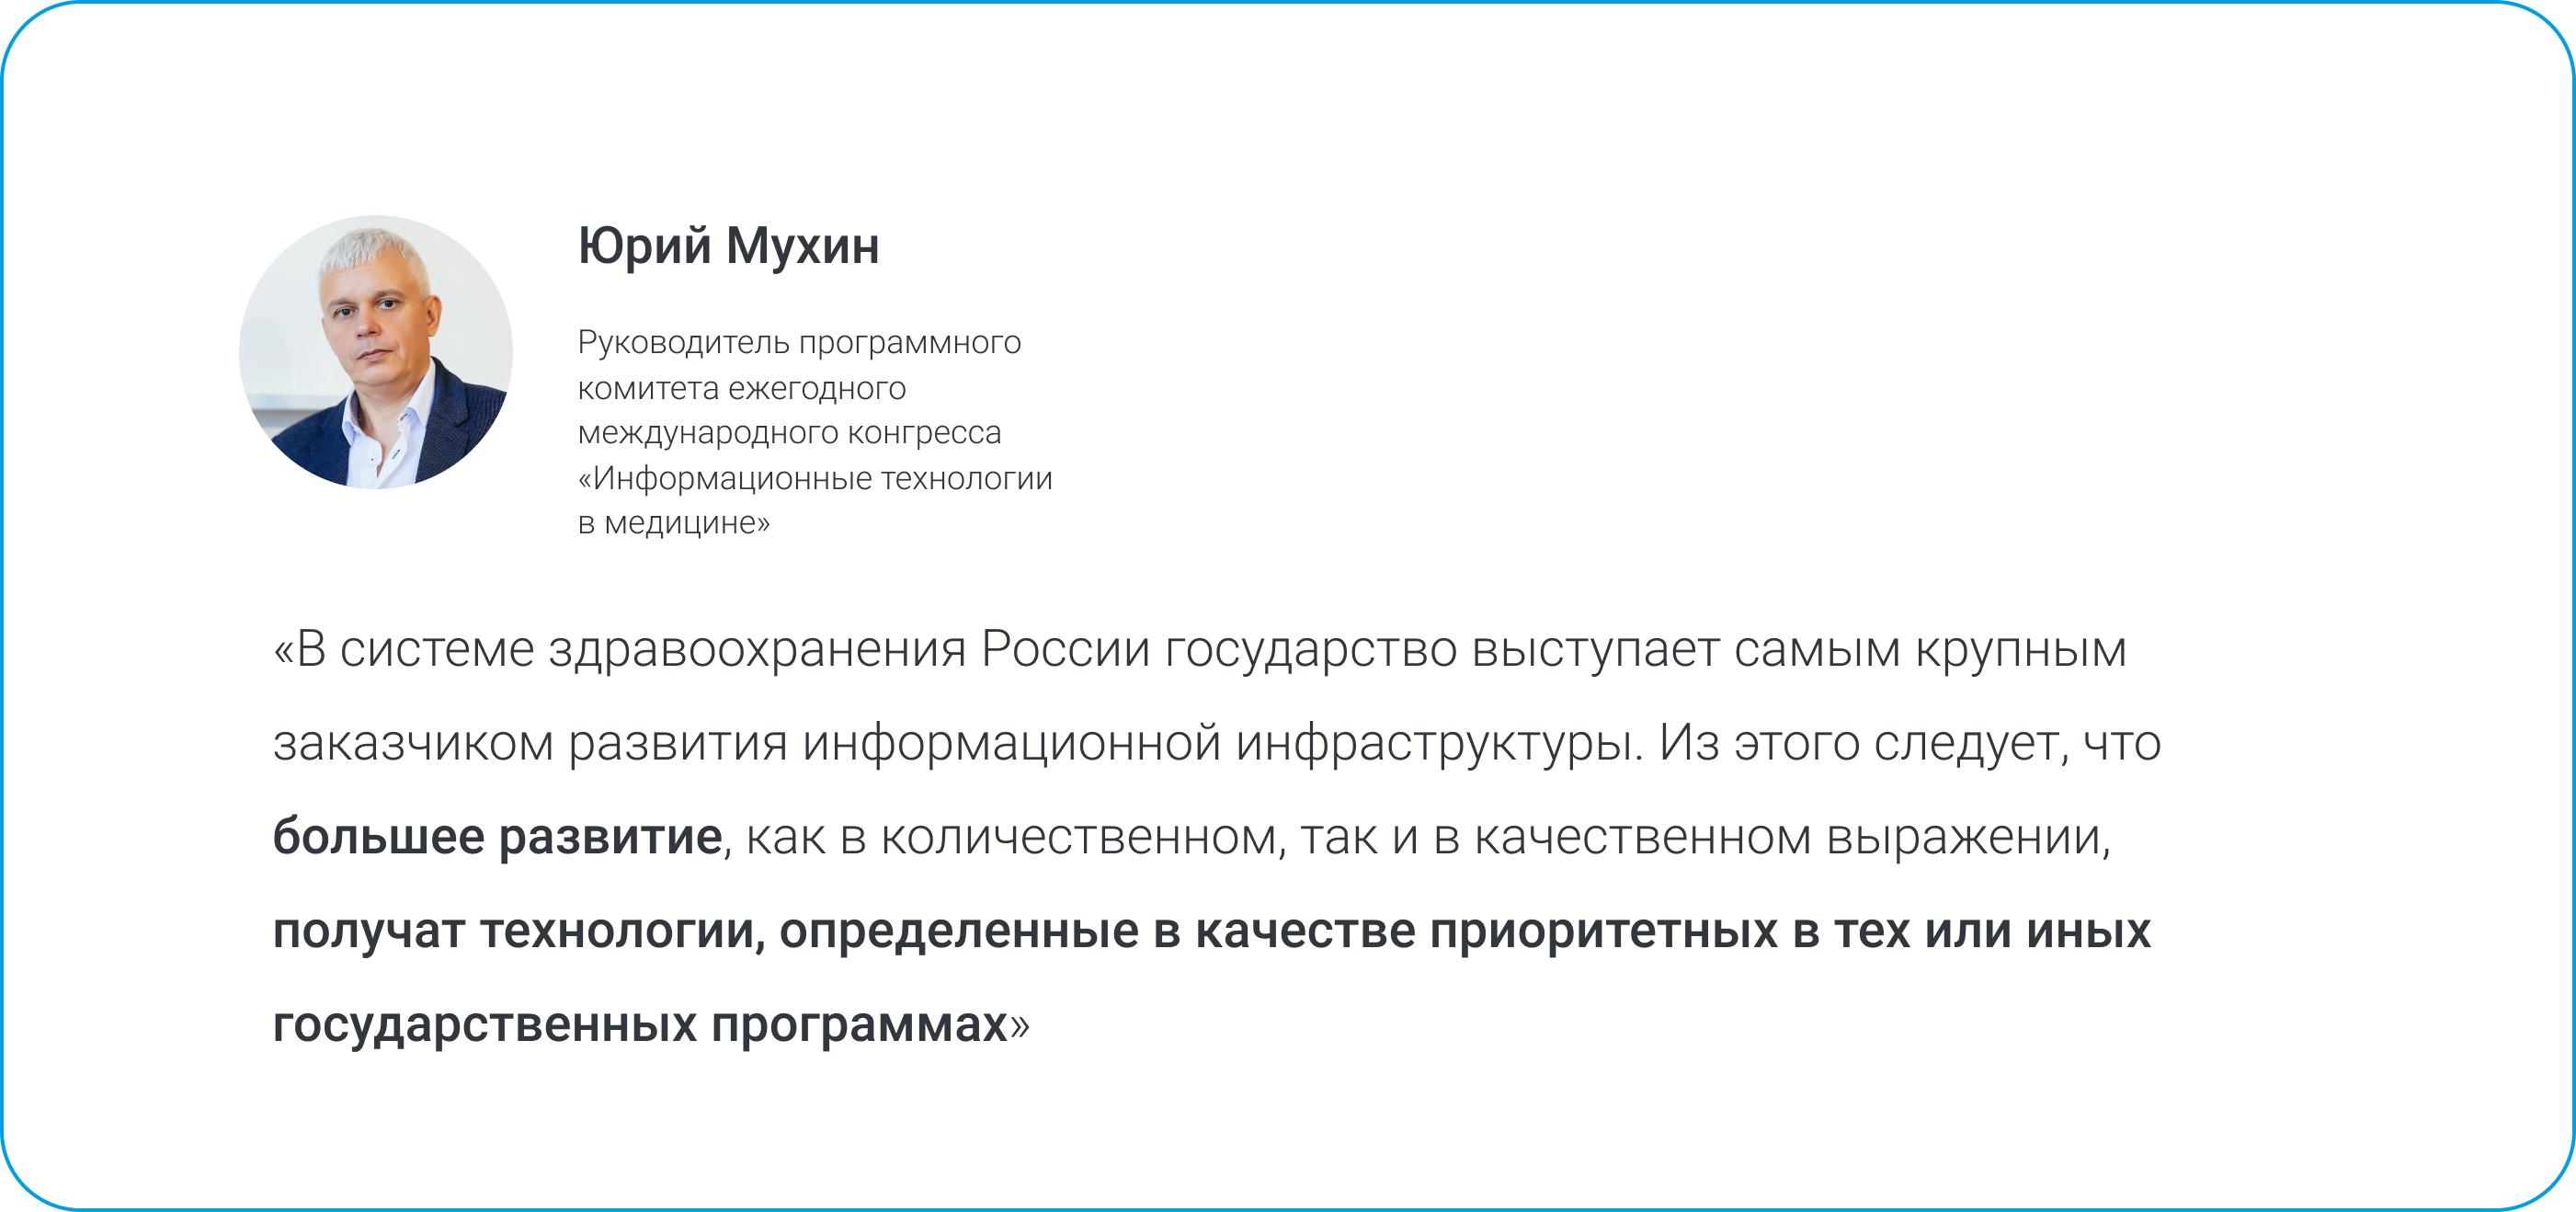 Юрий Мухин, руководитель программного комитета ежегодного международного конгресса Информационные технологии вмедицине